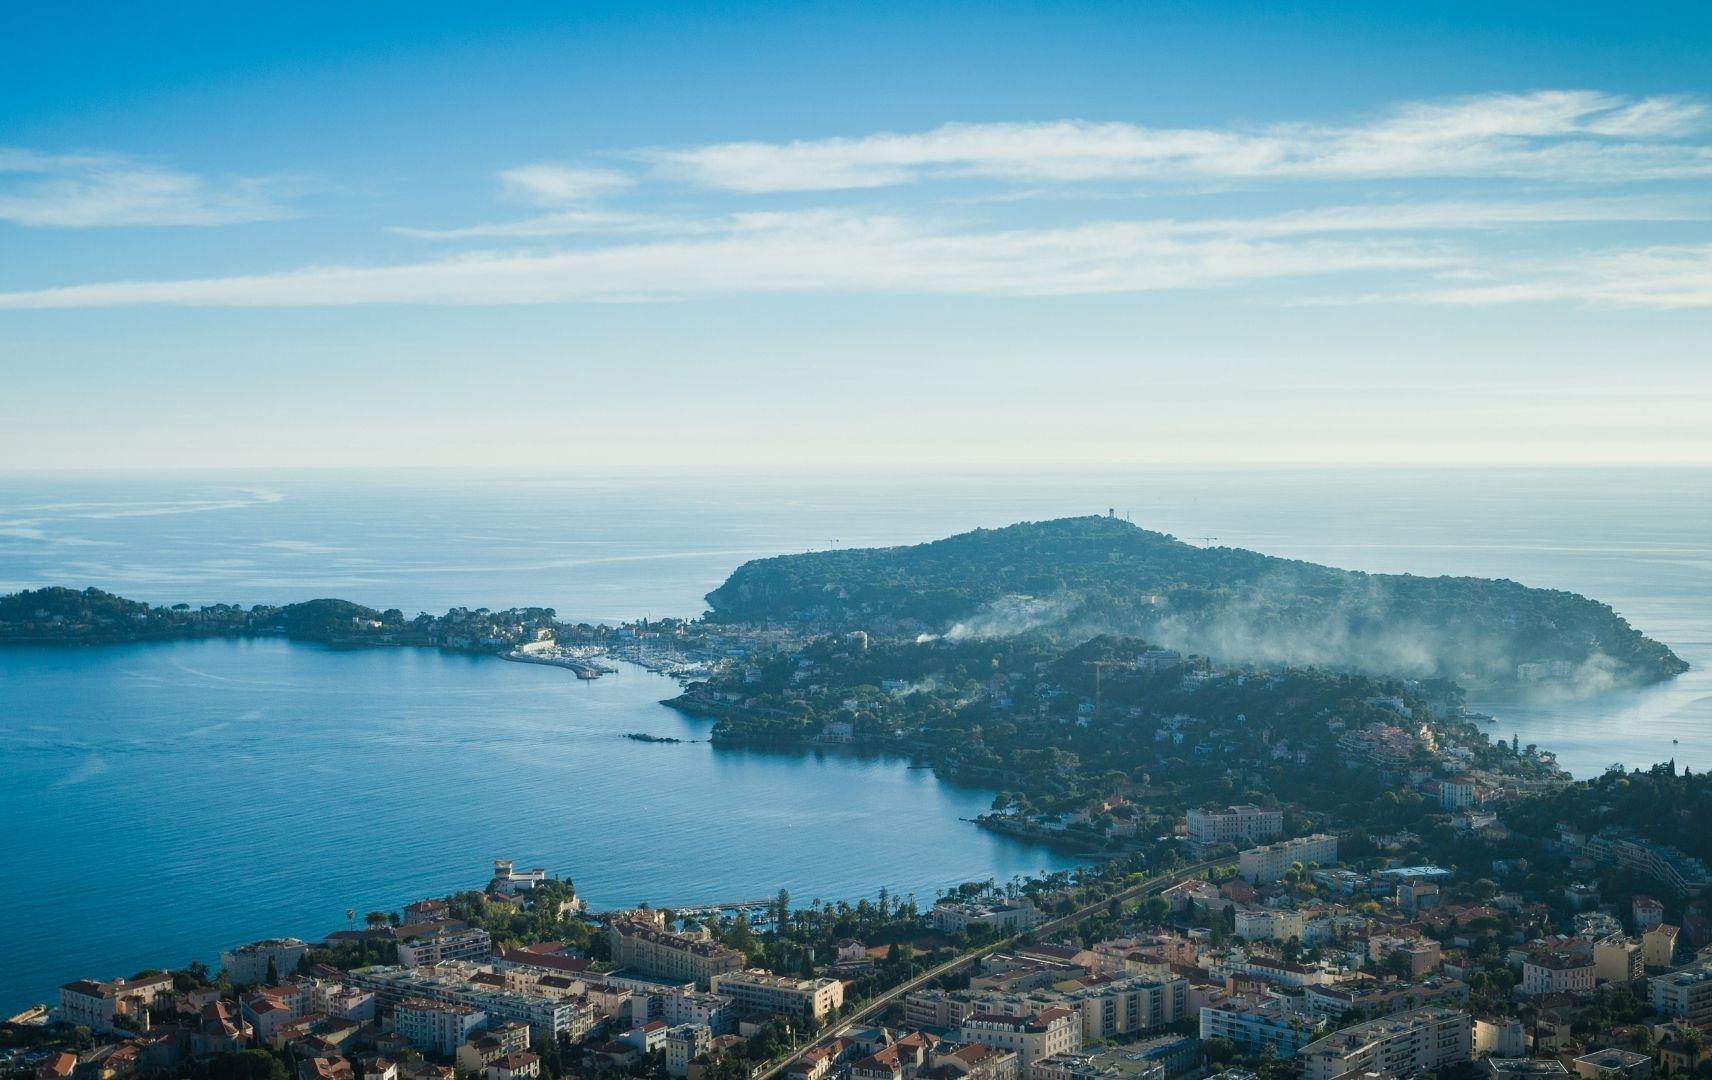 Frankreich - Cap Ferrat Landschaft